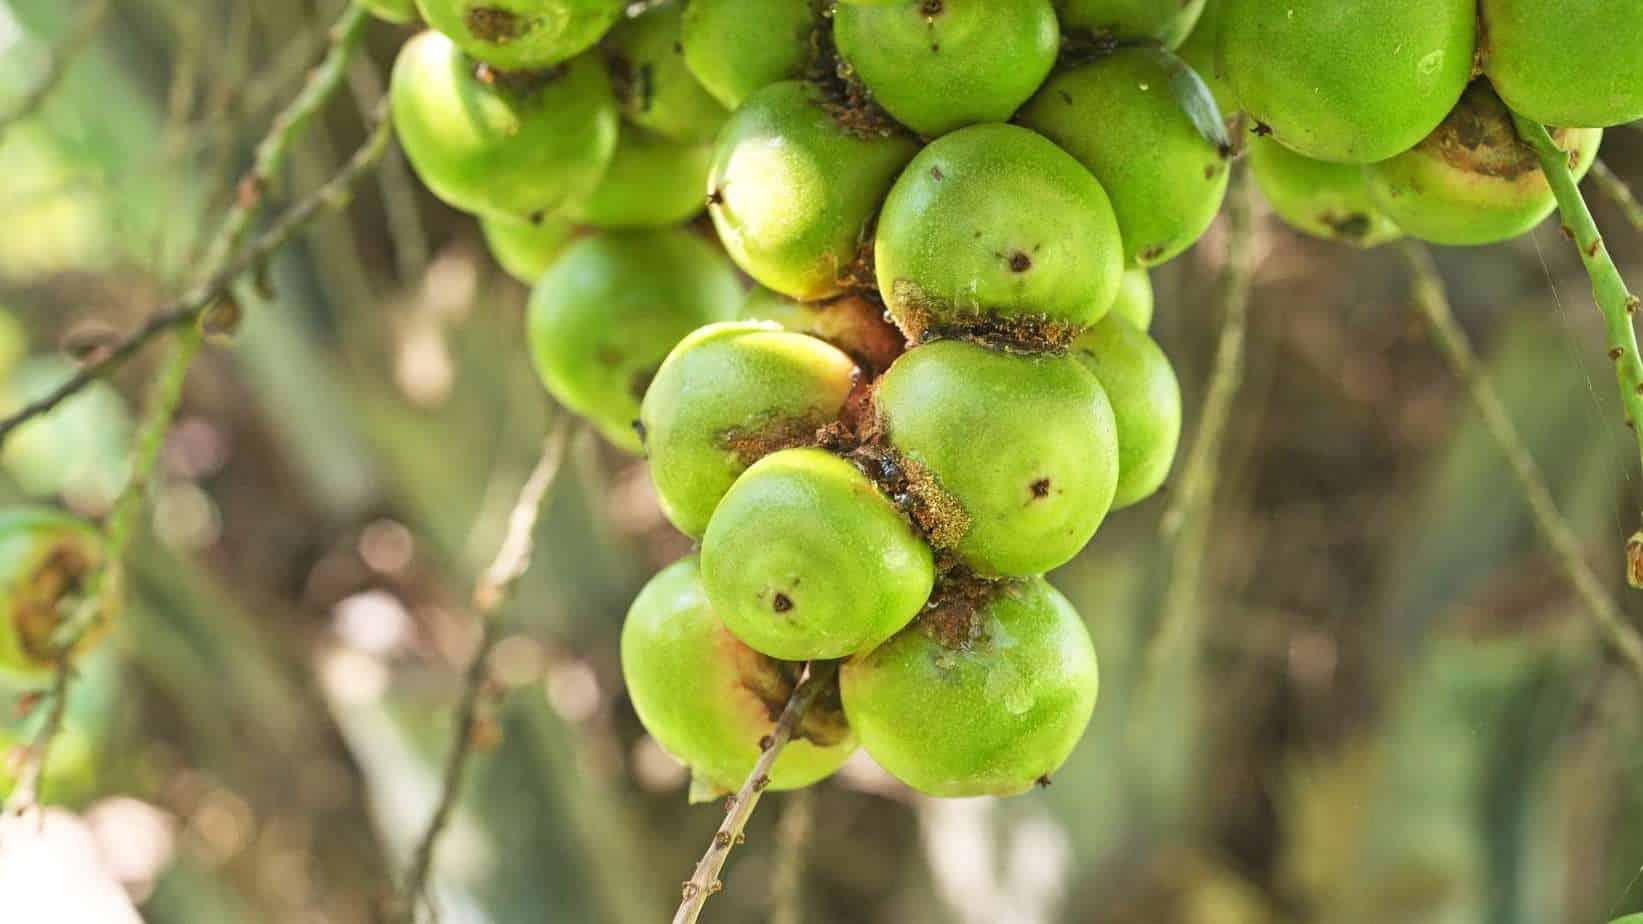 Yatay Palm Fruit